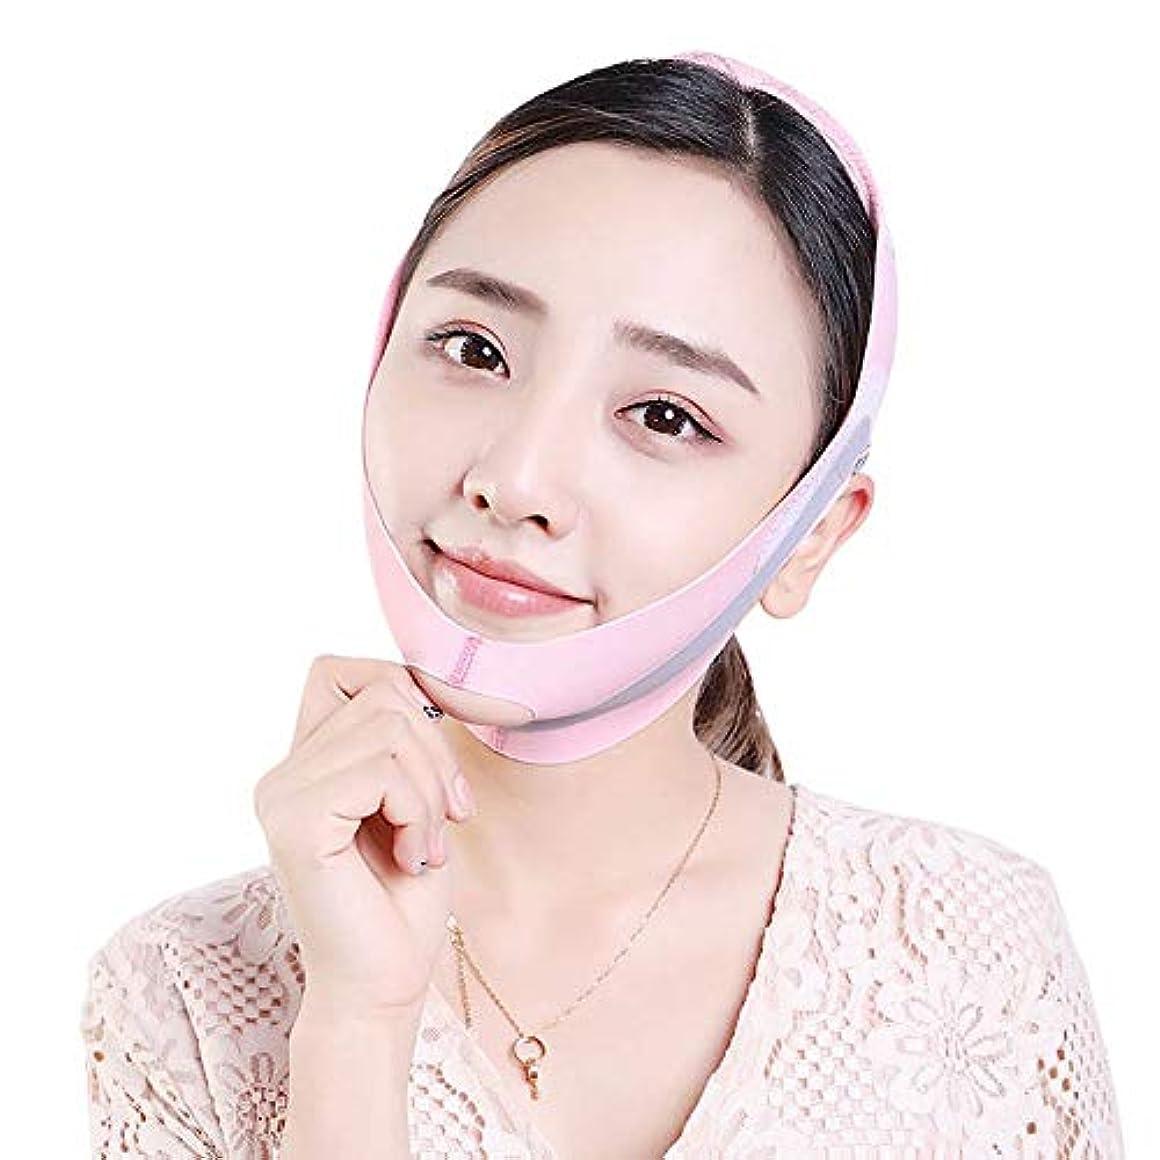 お茶侵入賛辞GYZ たるみを防ぐために顔を持ち上げるために筋肉を引き締めるために二重あごのステッカーとラインを削除するために、顔を持ち上げるアーティファクト包帯があります - ピンク Thin Face Belt